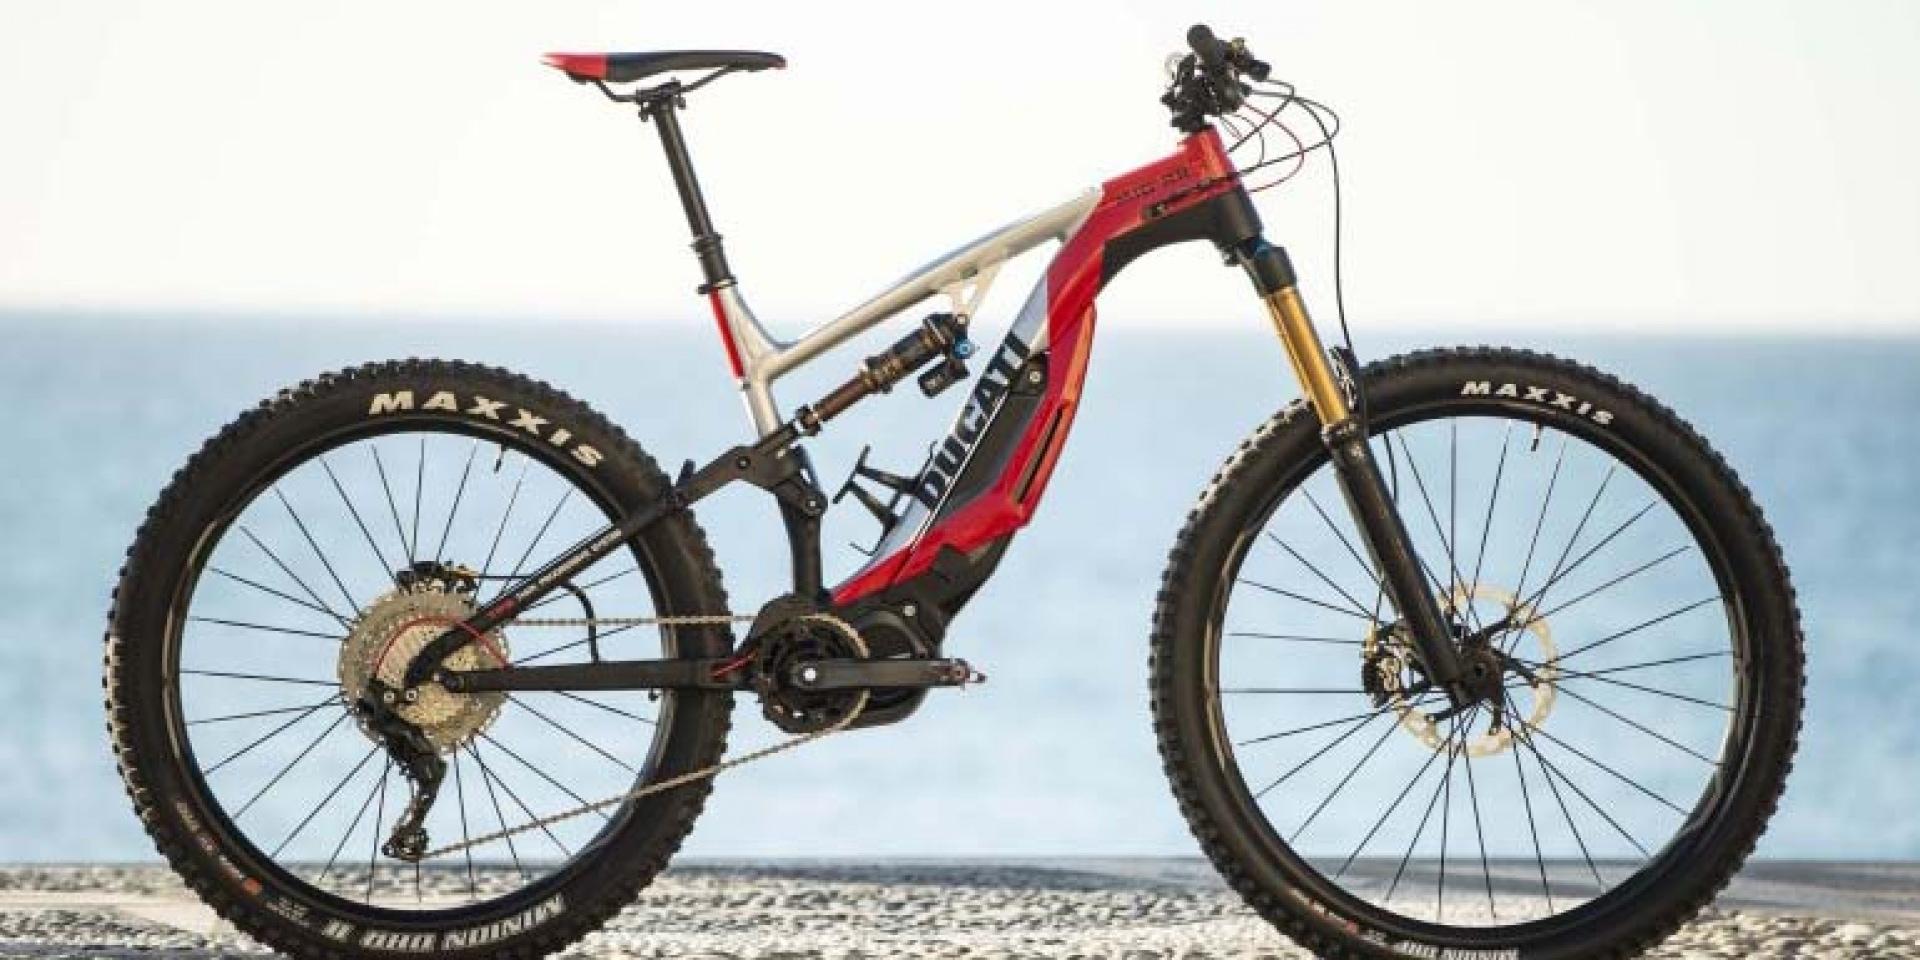 DUCATI全新的RR車款?電動腳踏車MIG-RR米蘭現身!